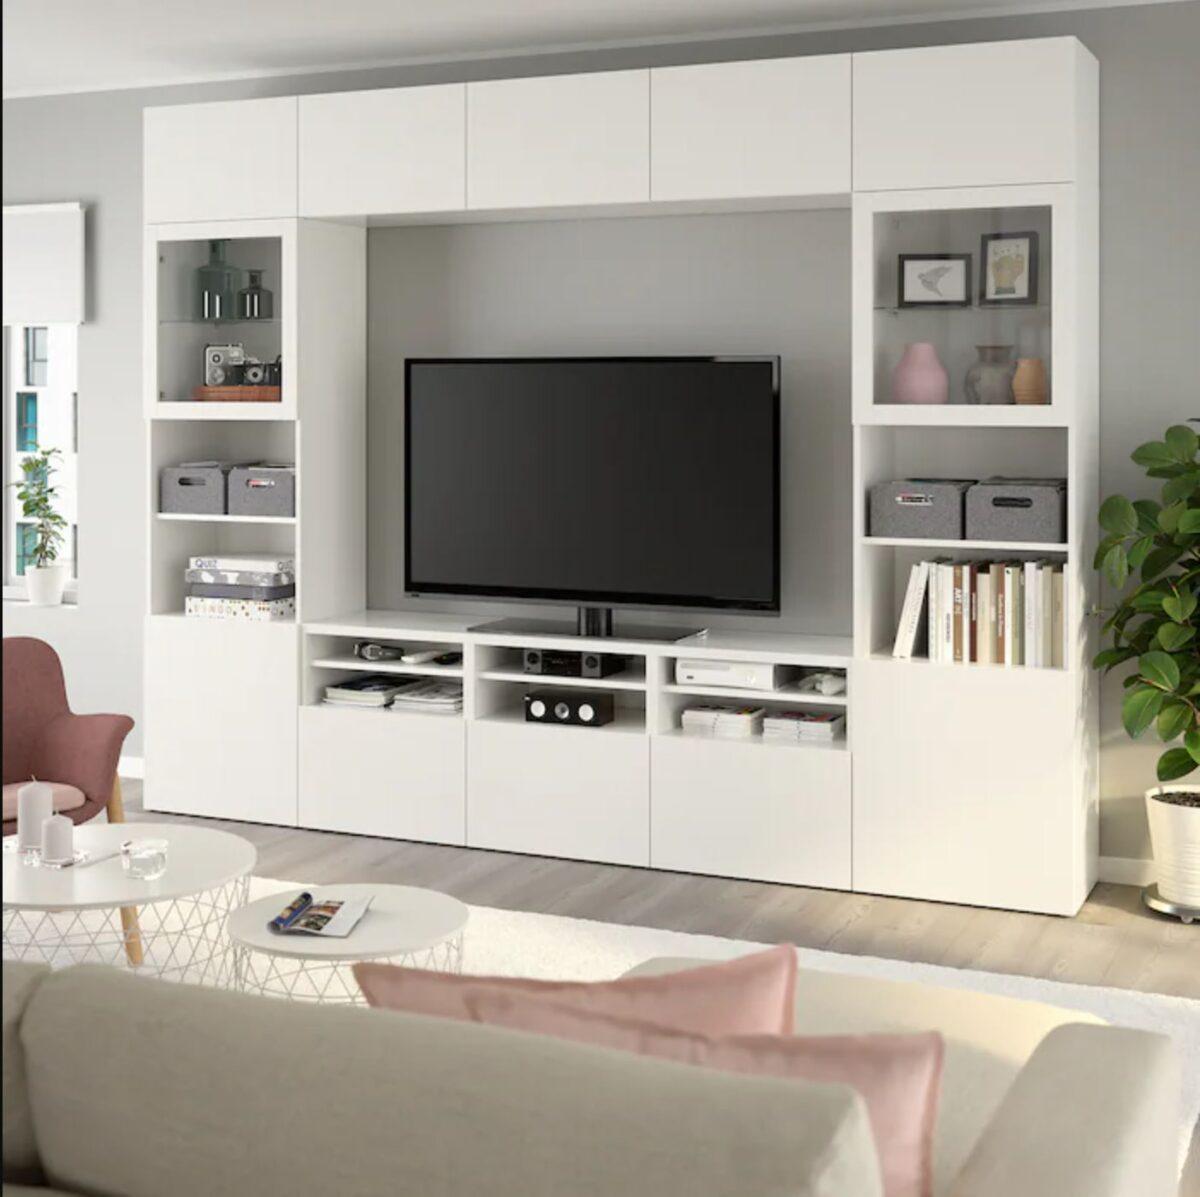 librerie-componibili-IKEA-3